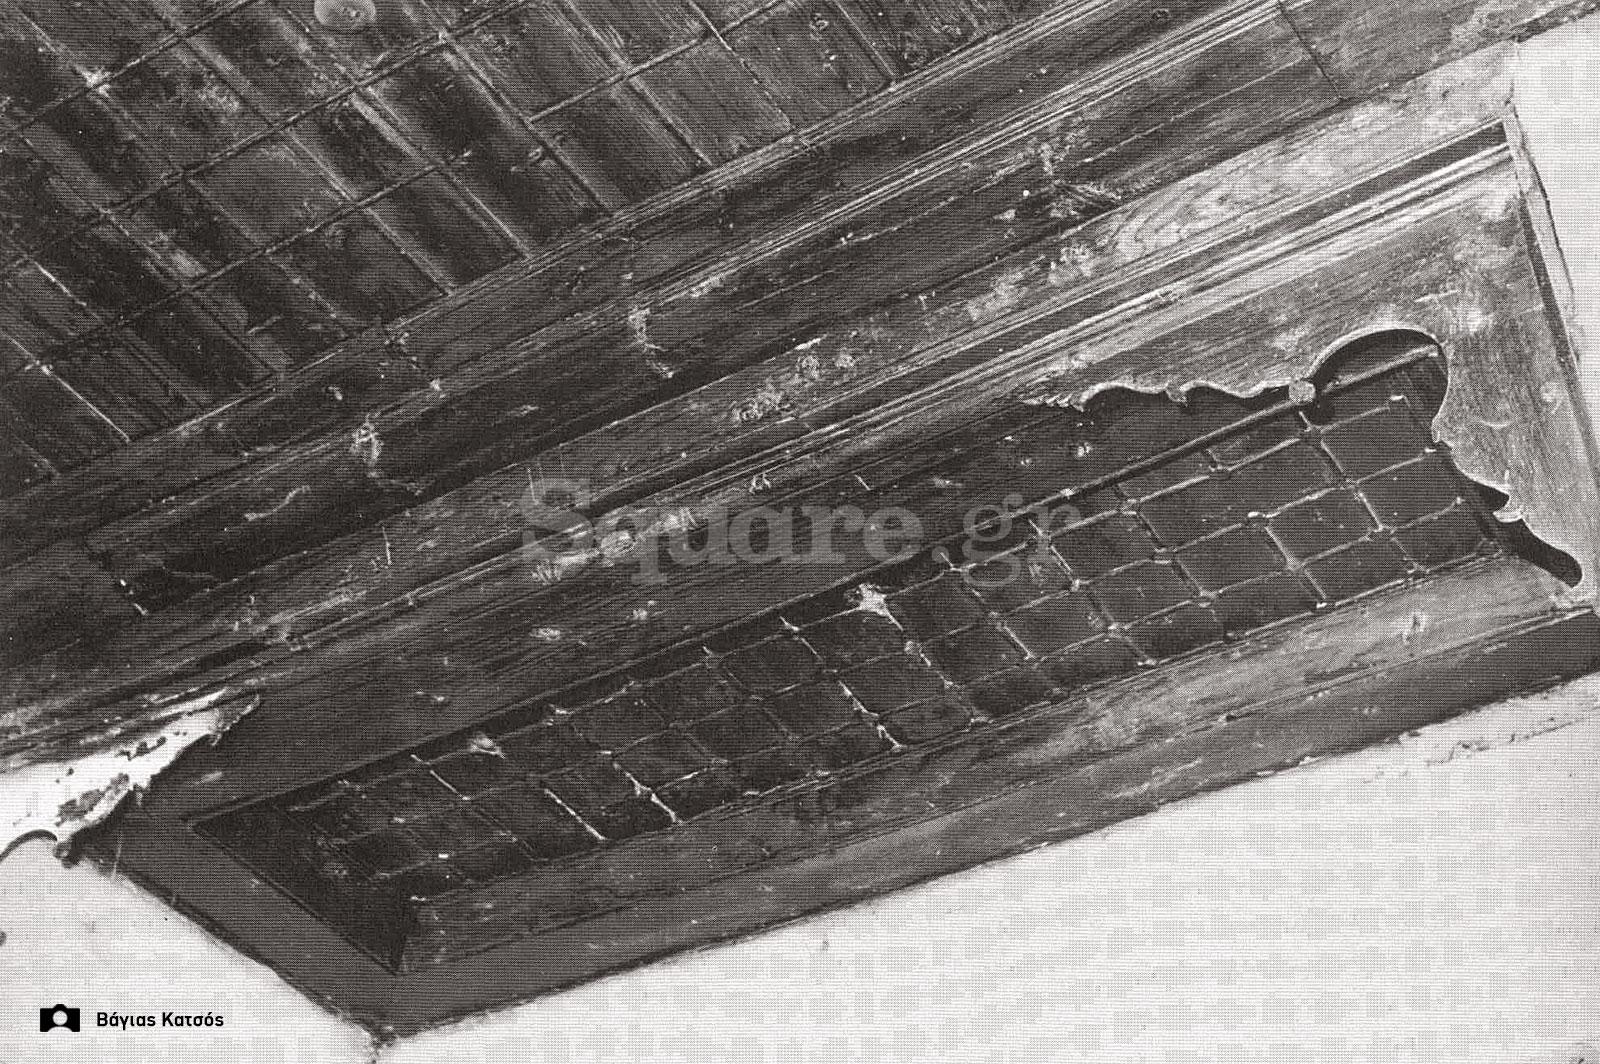 28-Σπίτια-Κοκκίνη-Οροφή-του-σπιτιού-Καράκωστα-Φωτ-Γ-Βραιμάκης-1968-final-square-logo